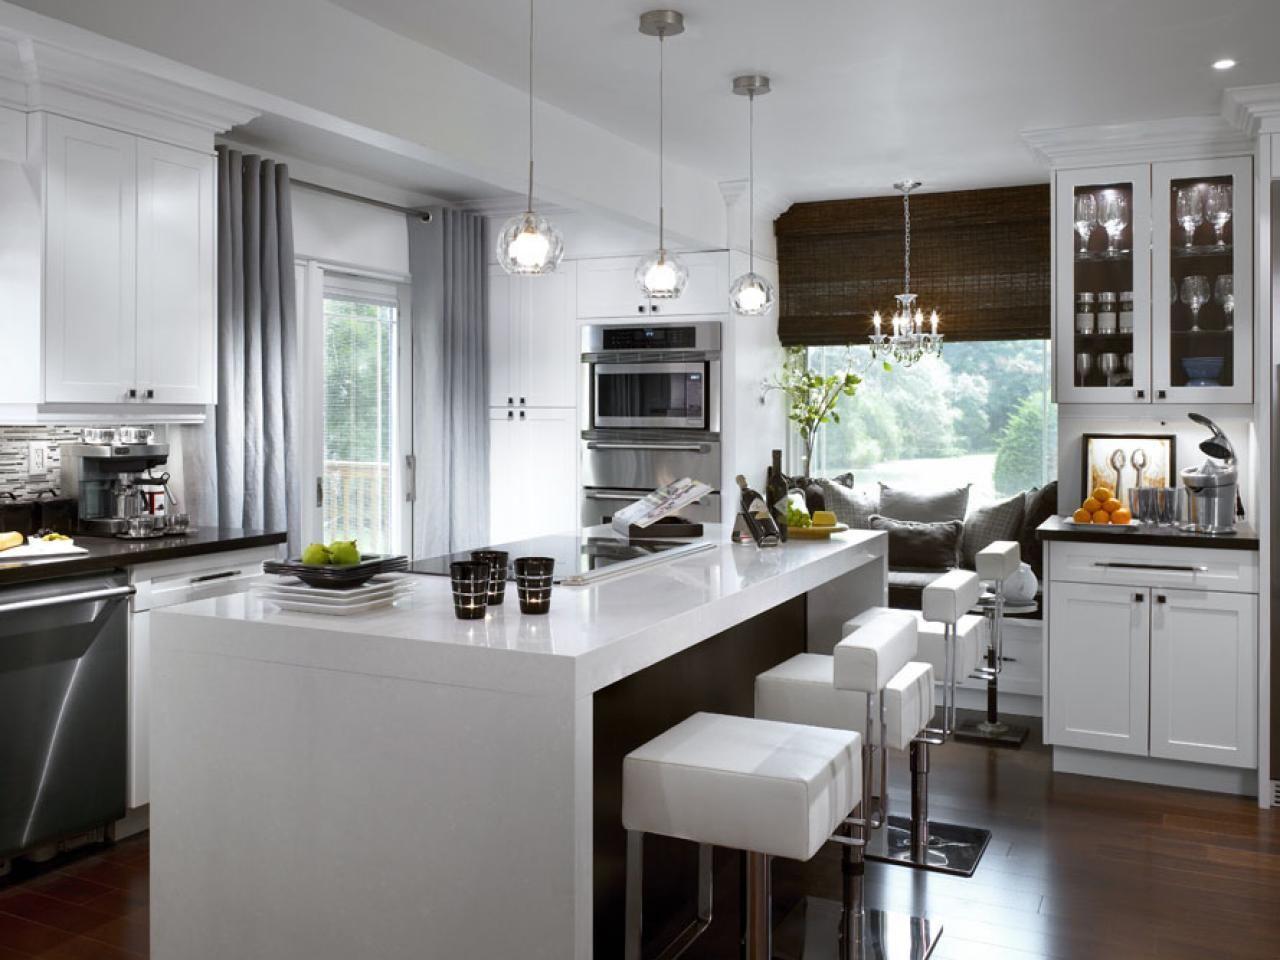 Candice Olson S Kitchen Design Ideas Divine Kitchens With Hgtv